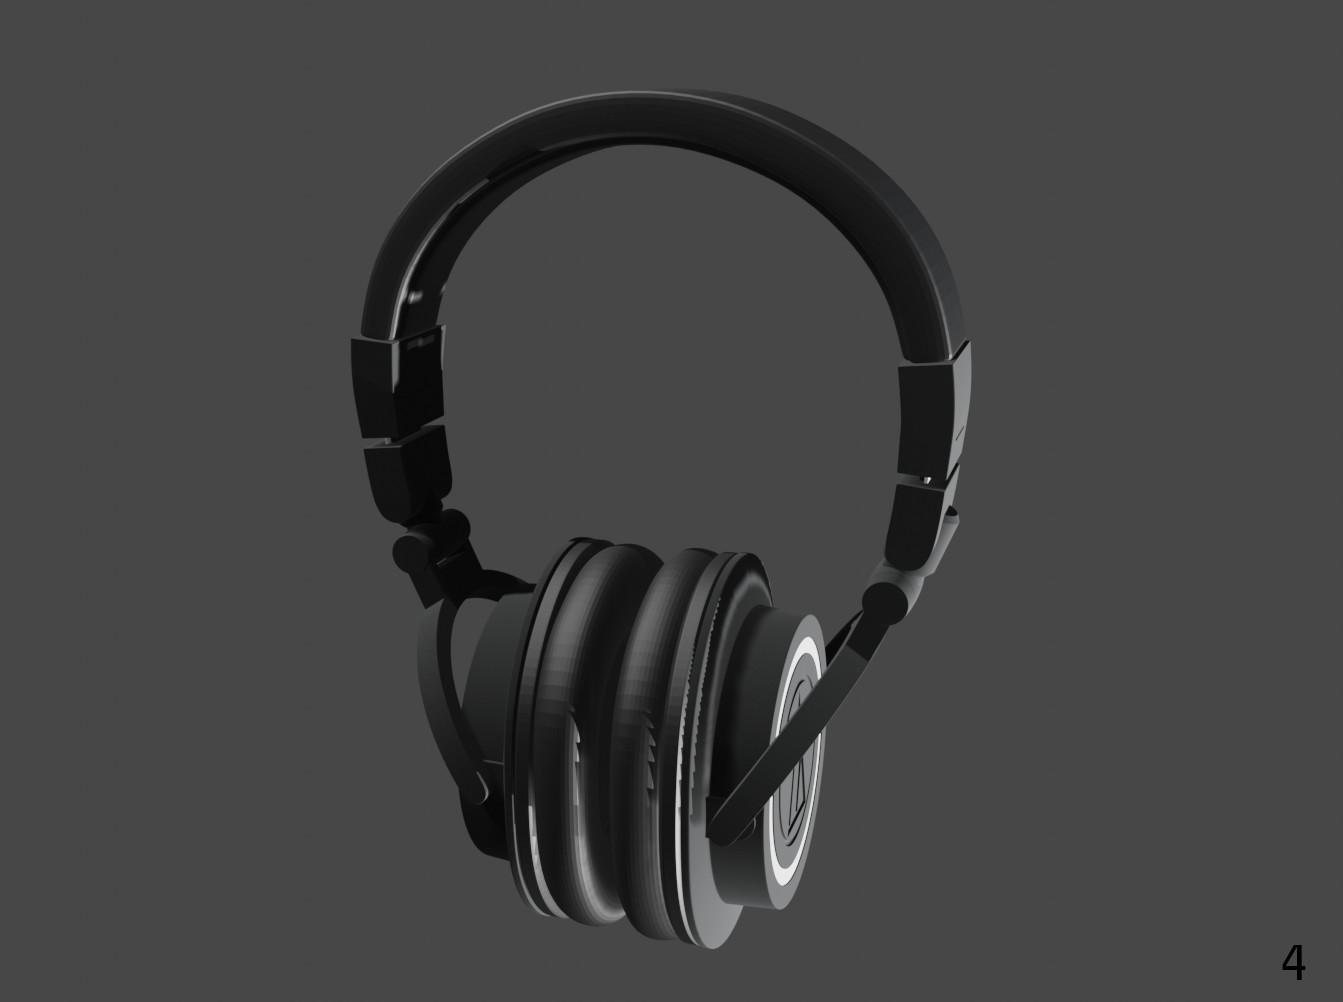 West clendinning headphones 02